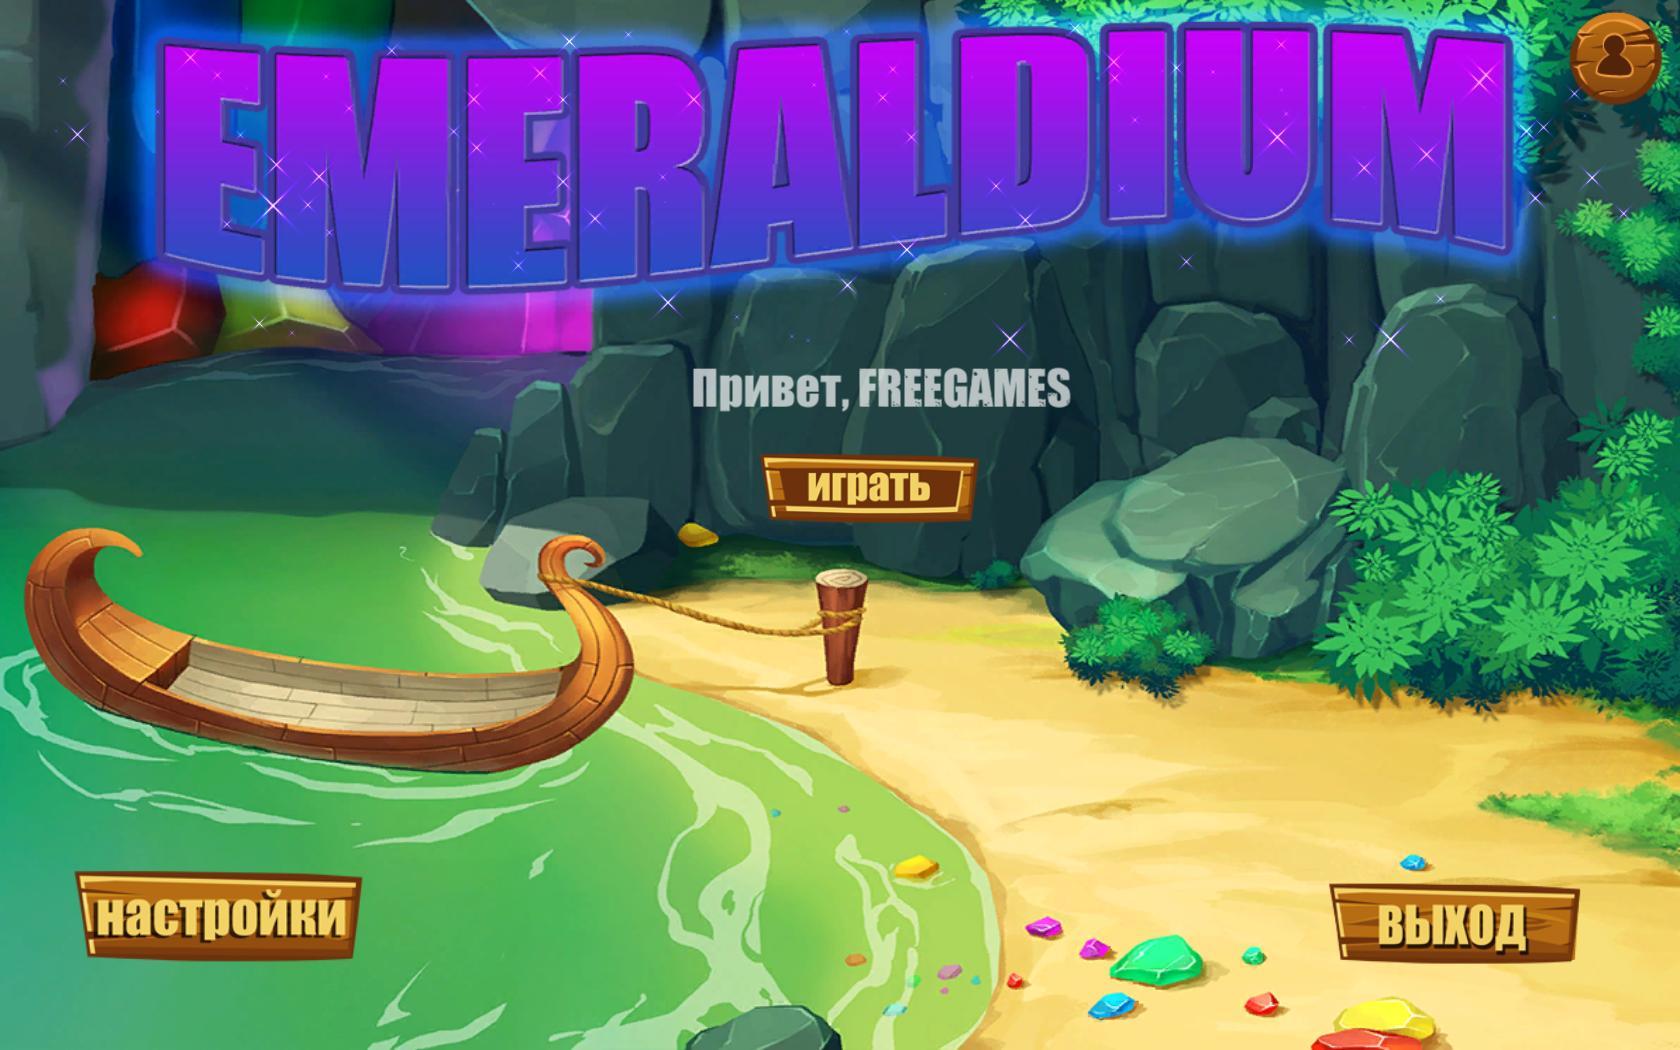 Эмеральдиум | Emeraldium (Rus)